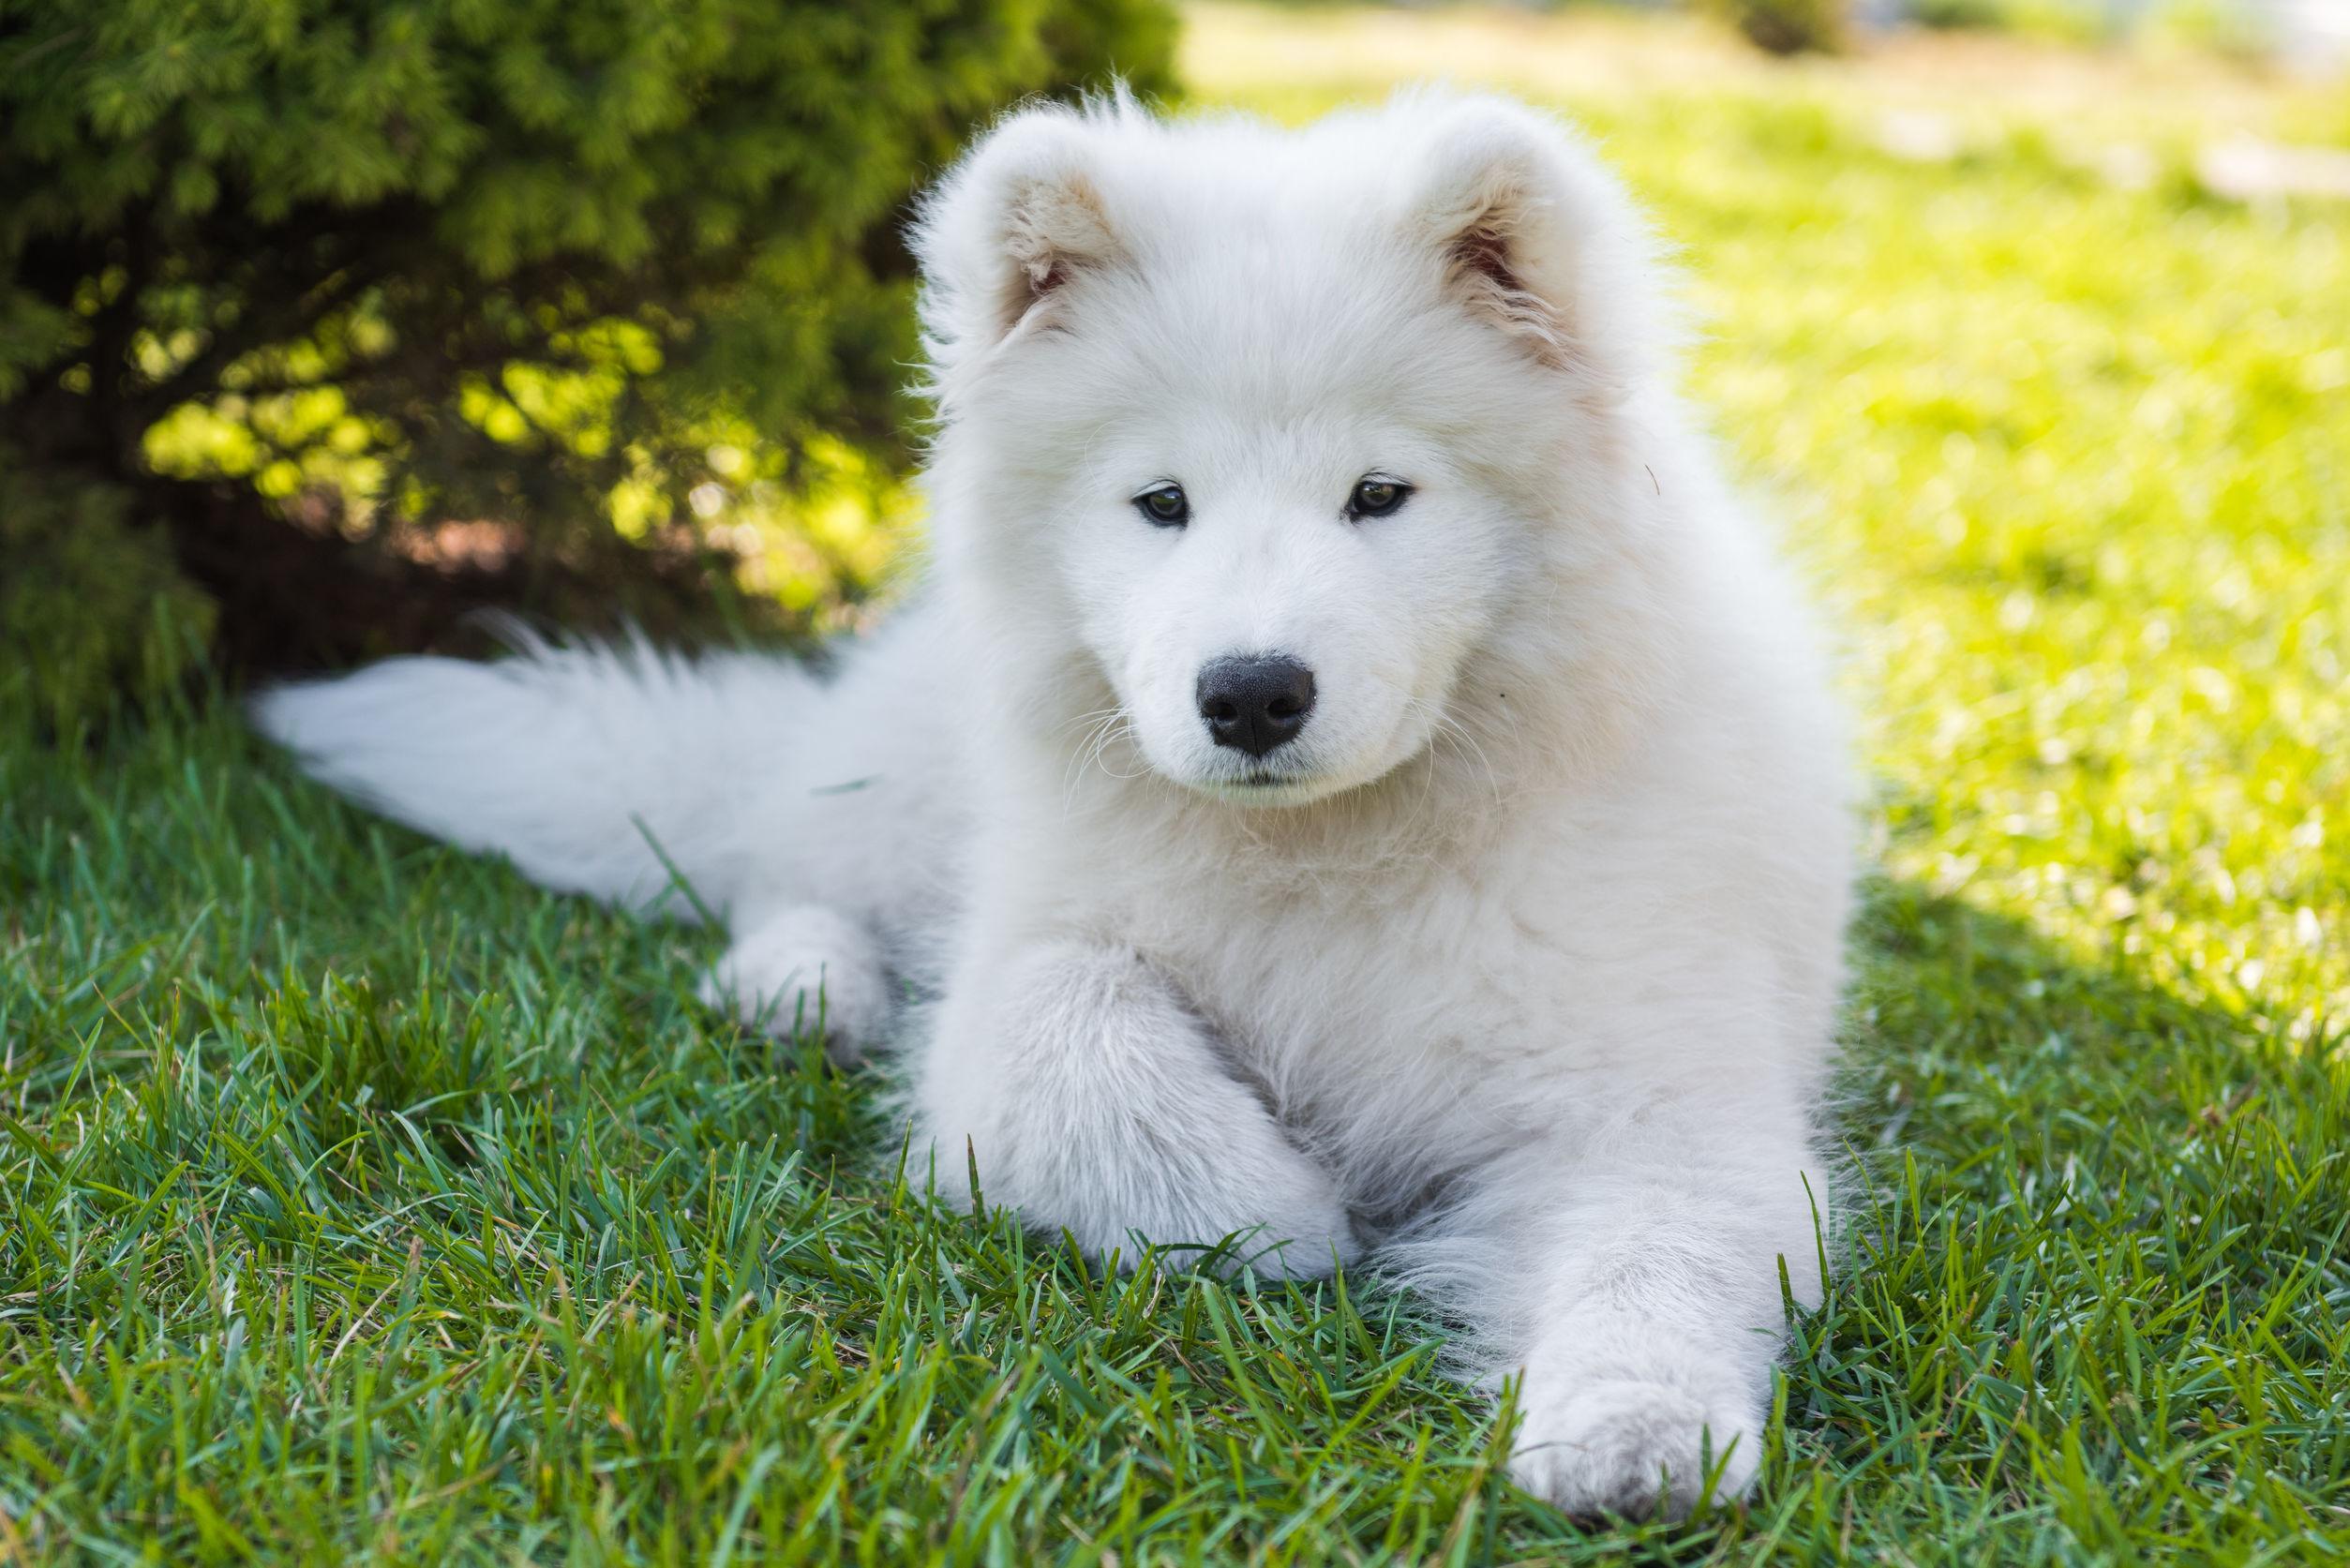 Libros para adiestrar a un perro: ¿Cuál es el mejor del 2021?